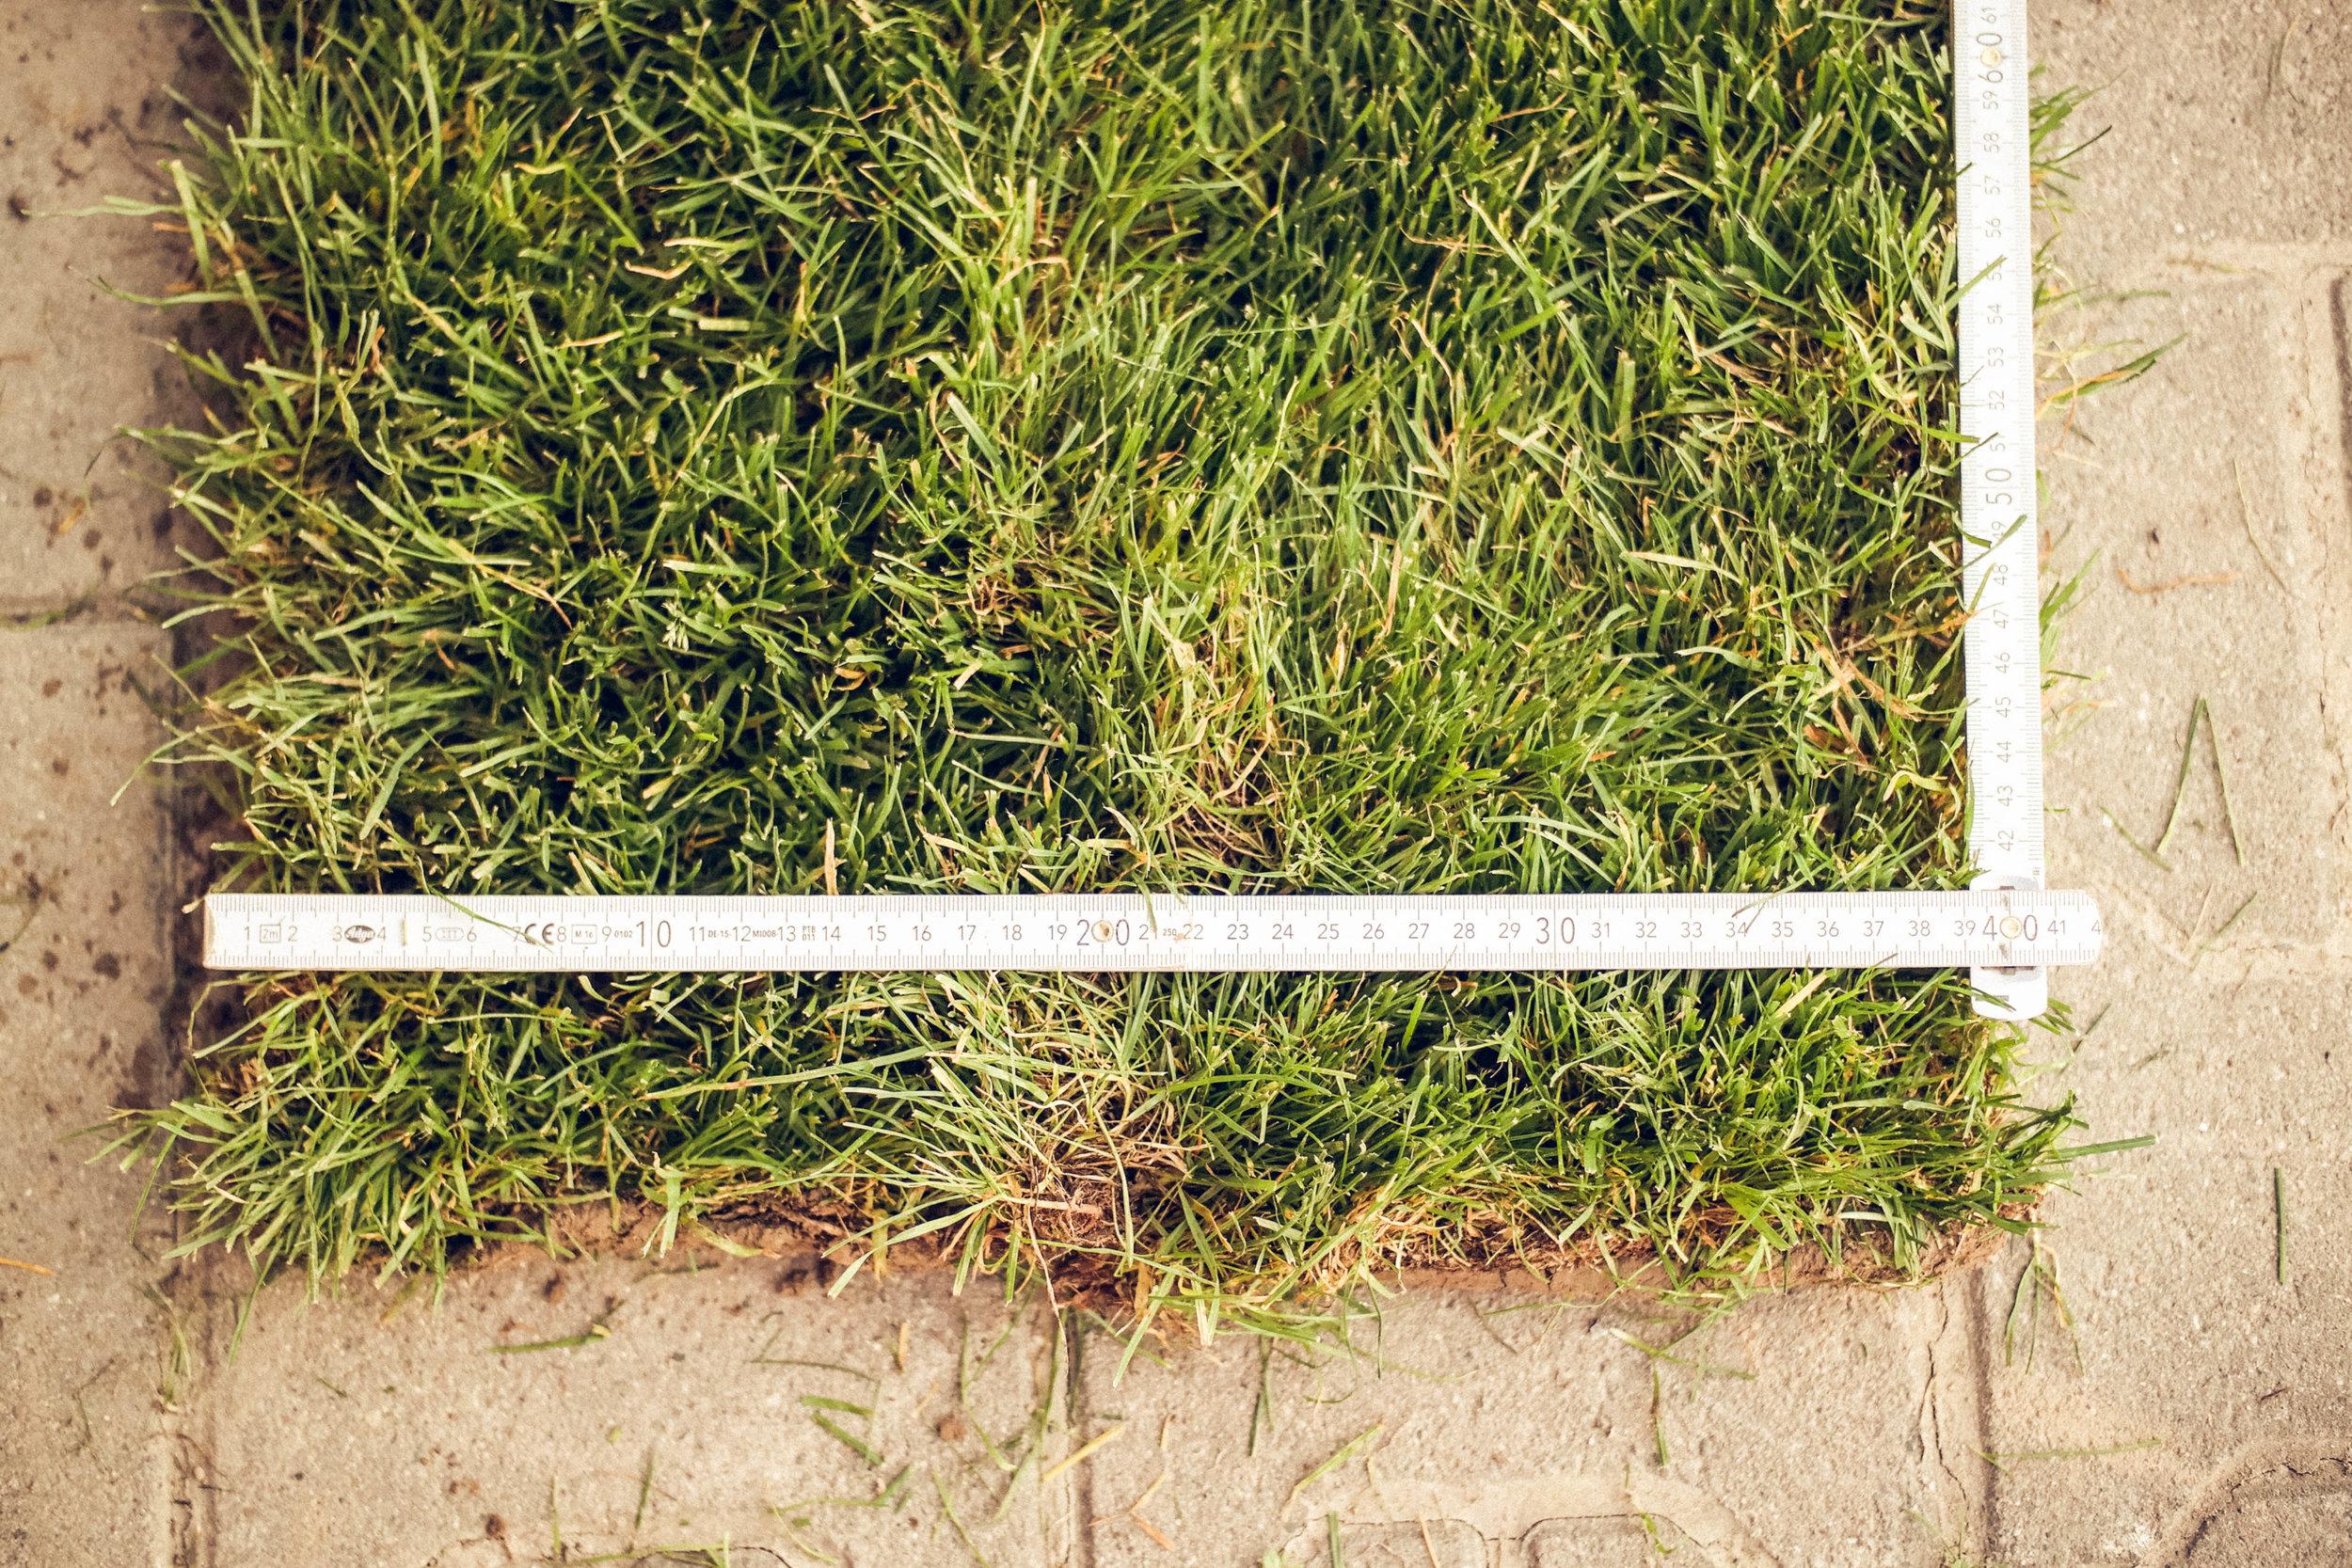 Sorte - Unsere Rasensamen bestehen aus den besten Rasensorten, die speziell auf die Beanspruchung für Sport, Spiel und Garten gezüchtet werden – ein strapazierfähiger Rasen.